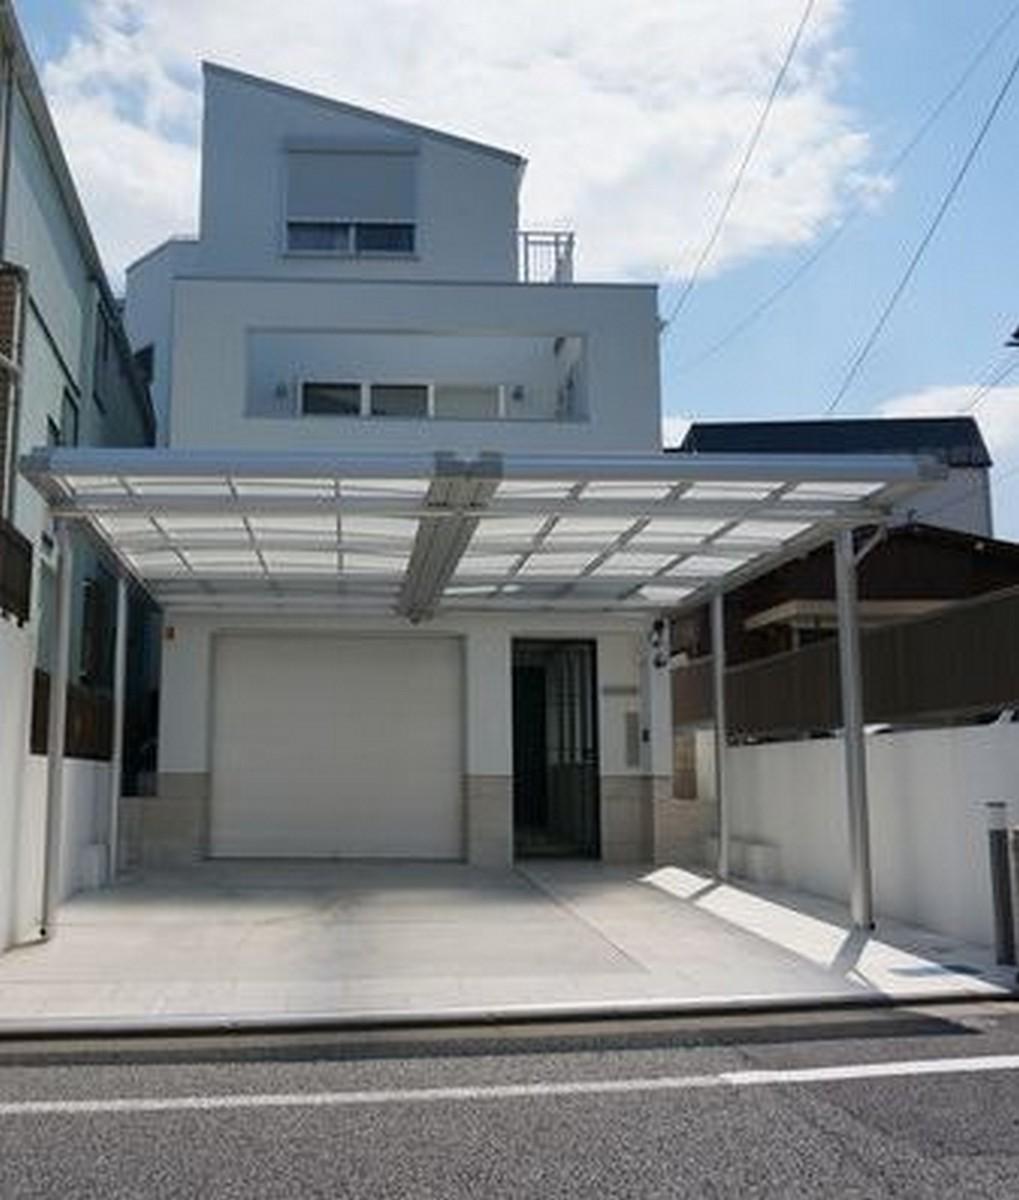 Villa per Vendita alle ore 下馬3丁目邸宅 Other Tokyo, Tokyo Giappone